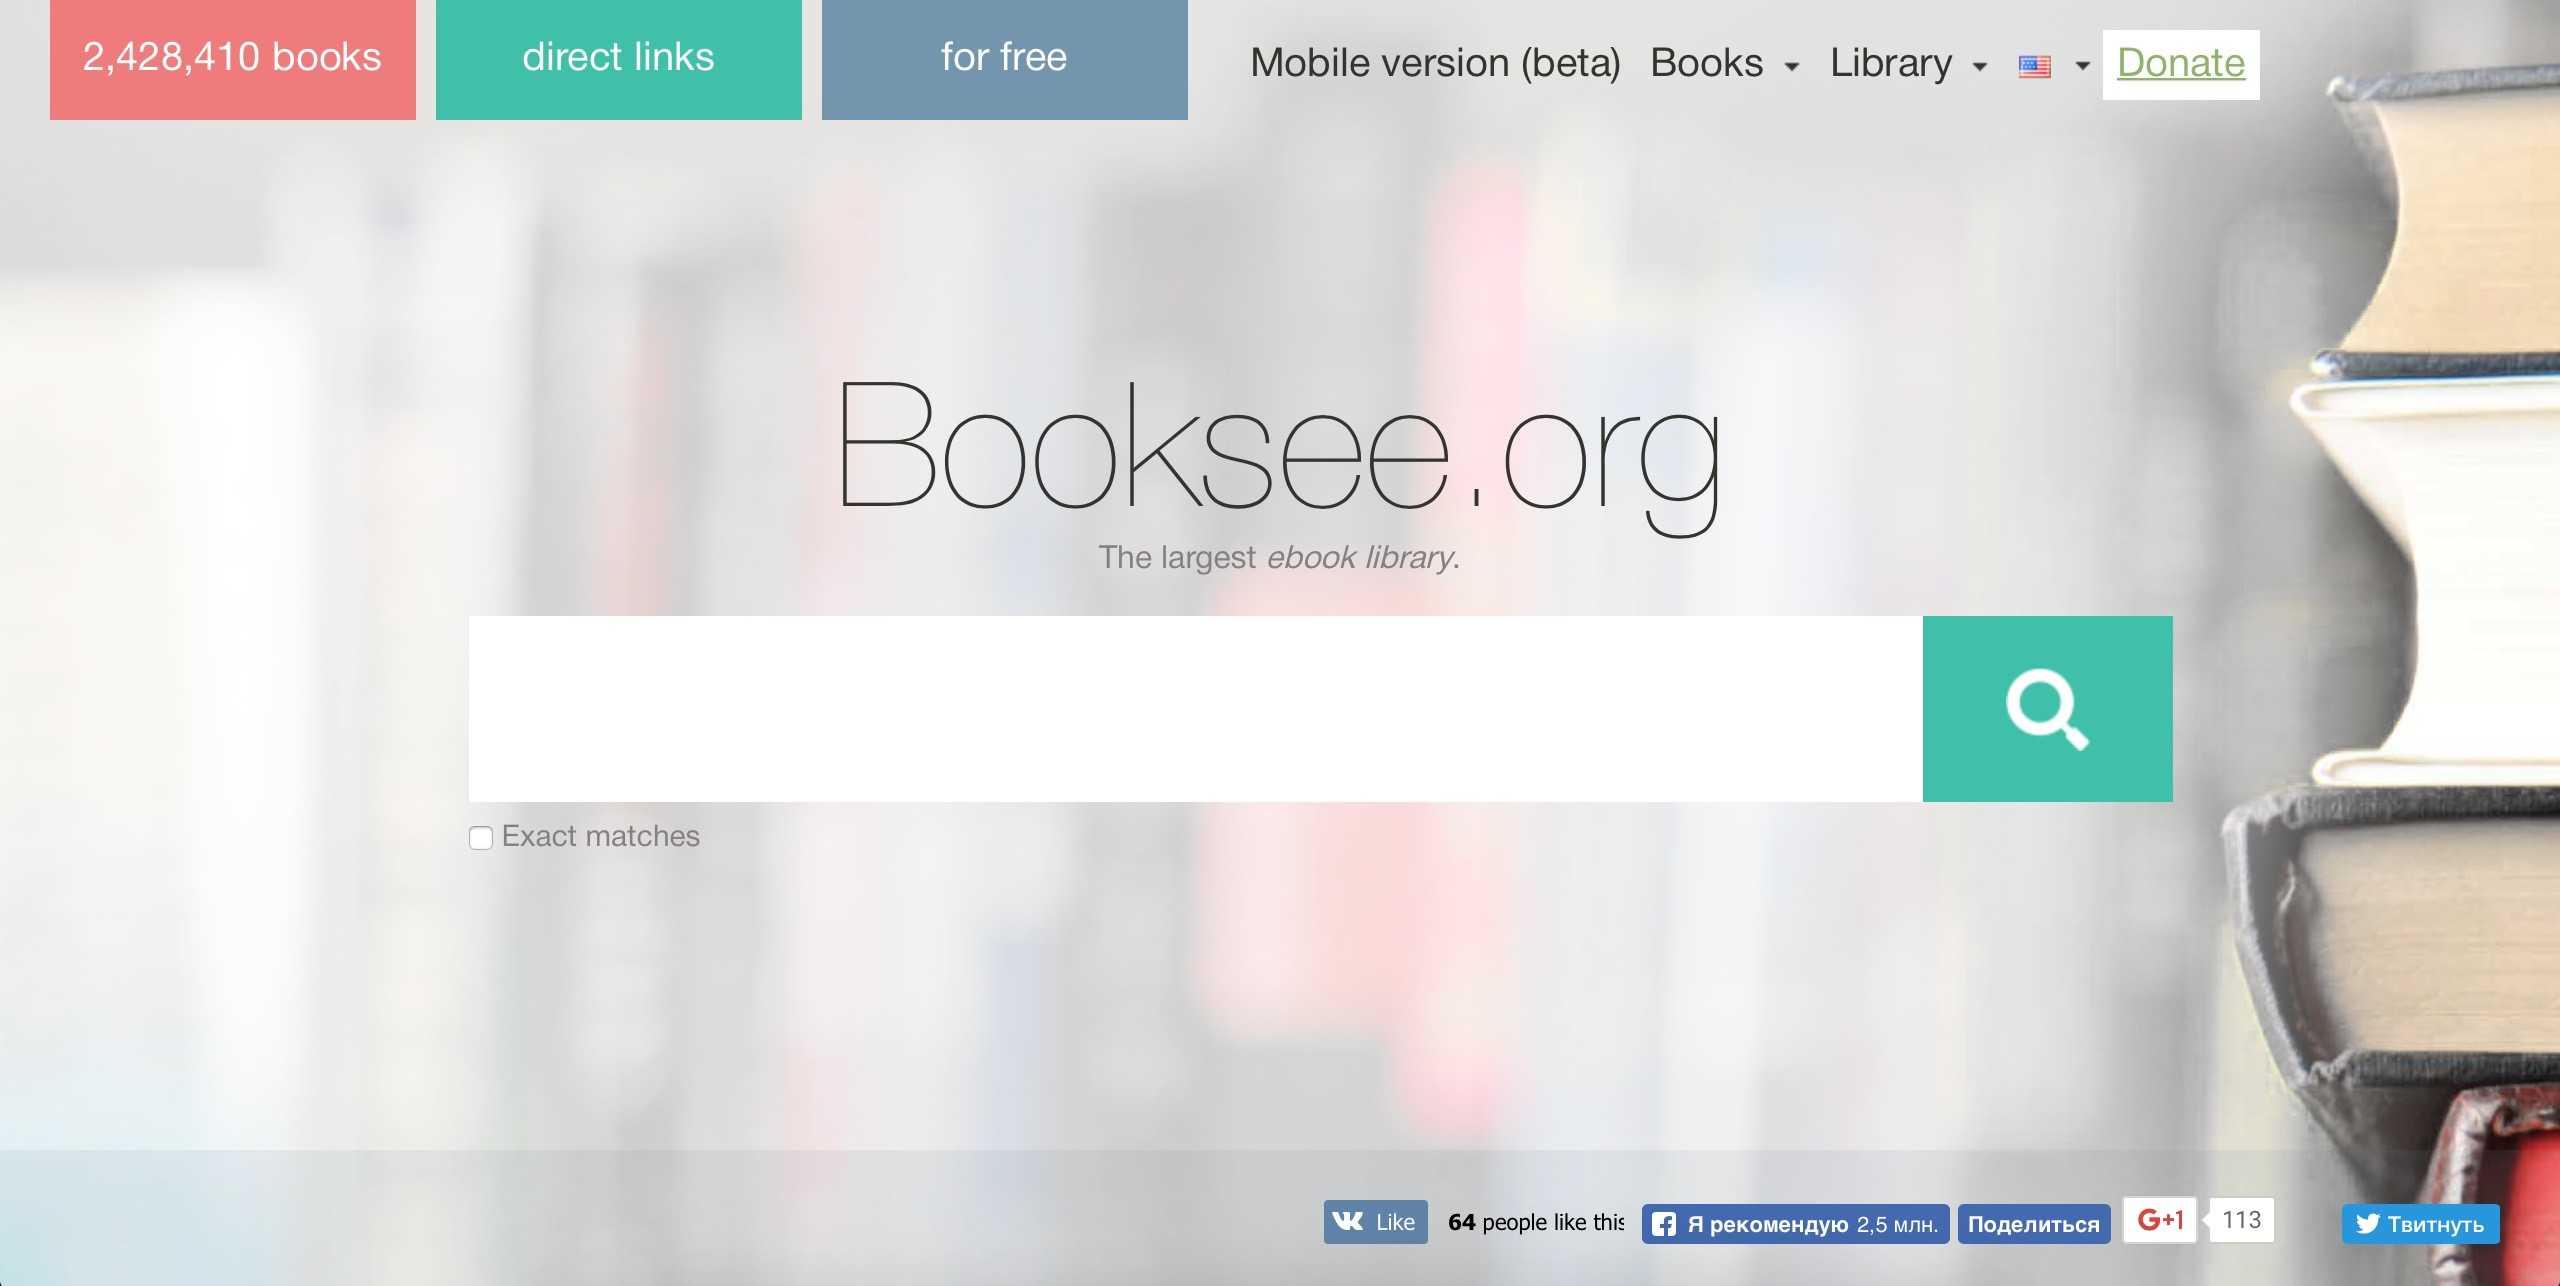 ebook il miglior sito porno gratuito